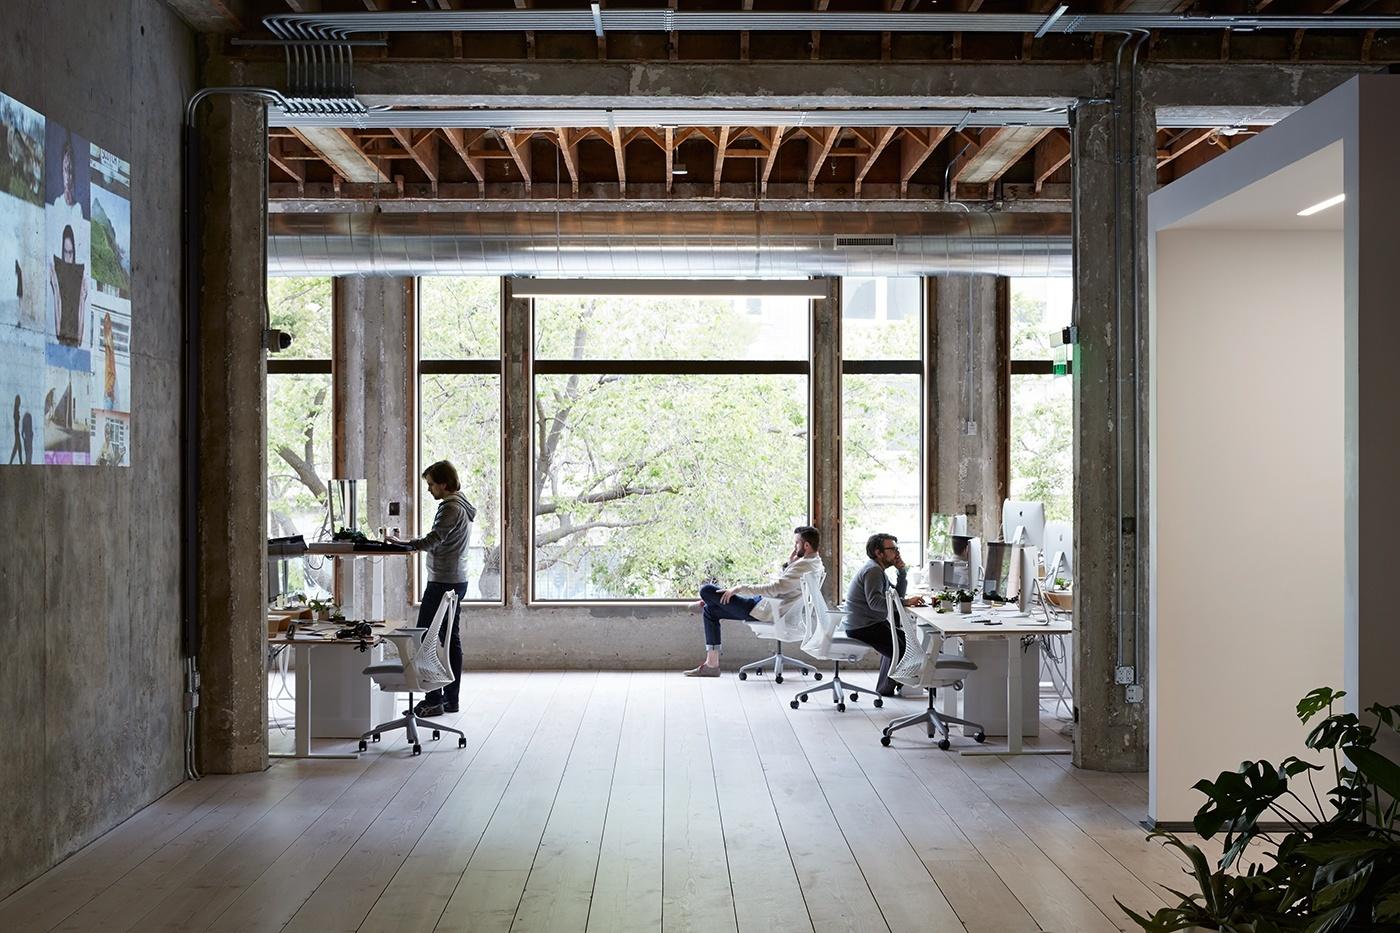 vsco-oakland-office-22